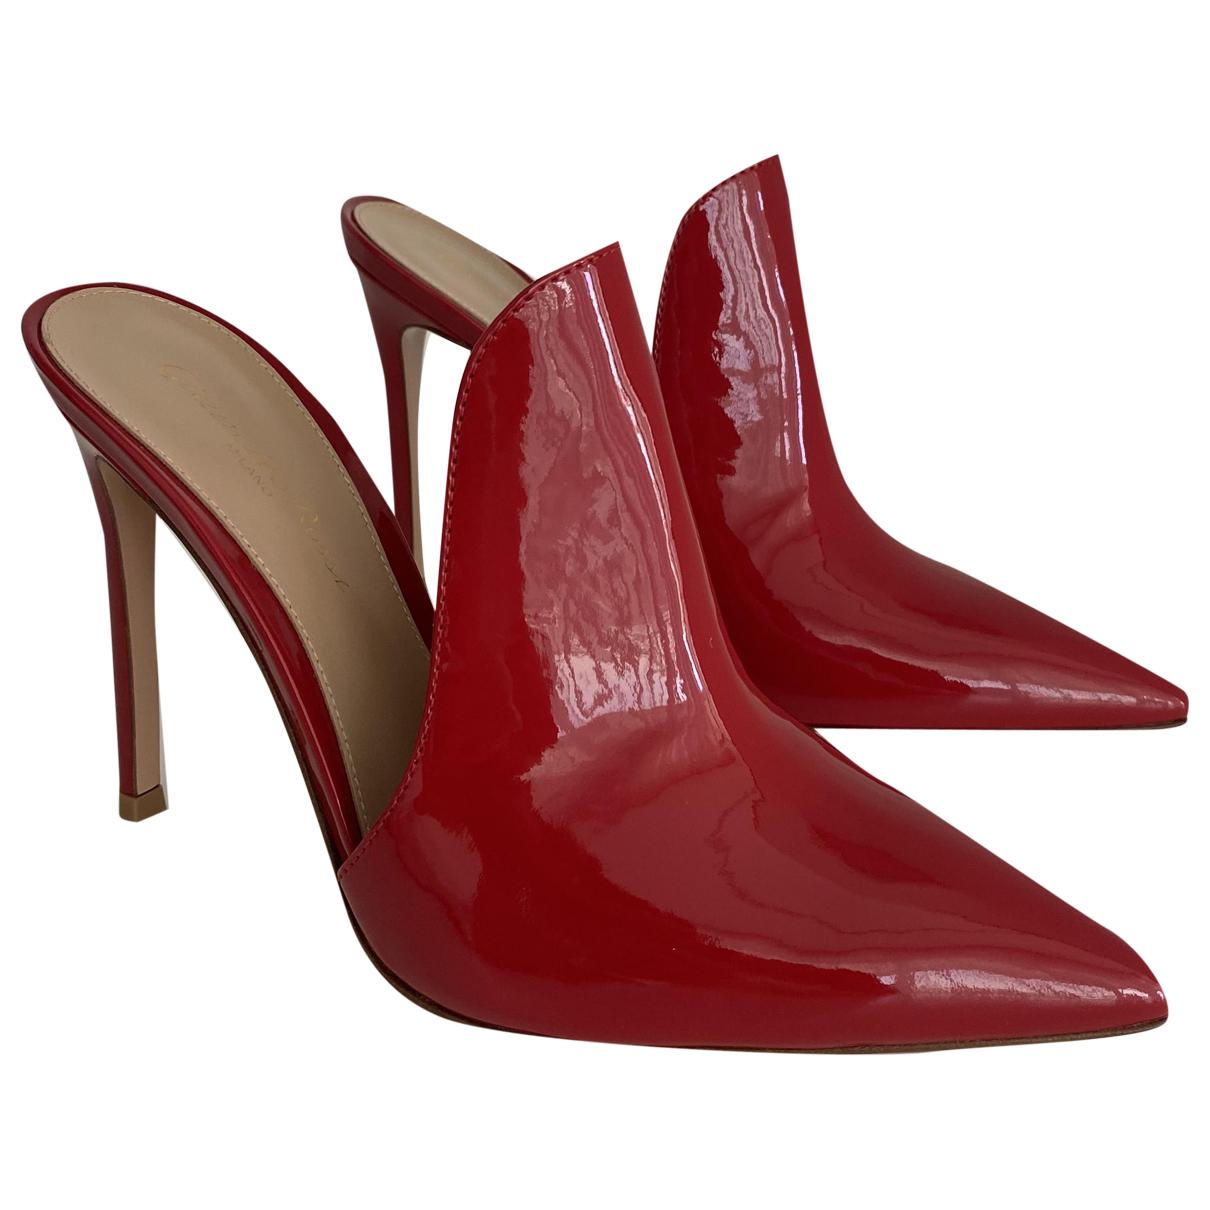 Gianvito Rossi - Sandales   pour femme en cuir verni - rouge